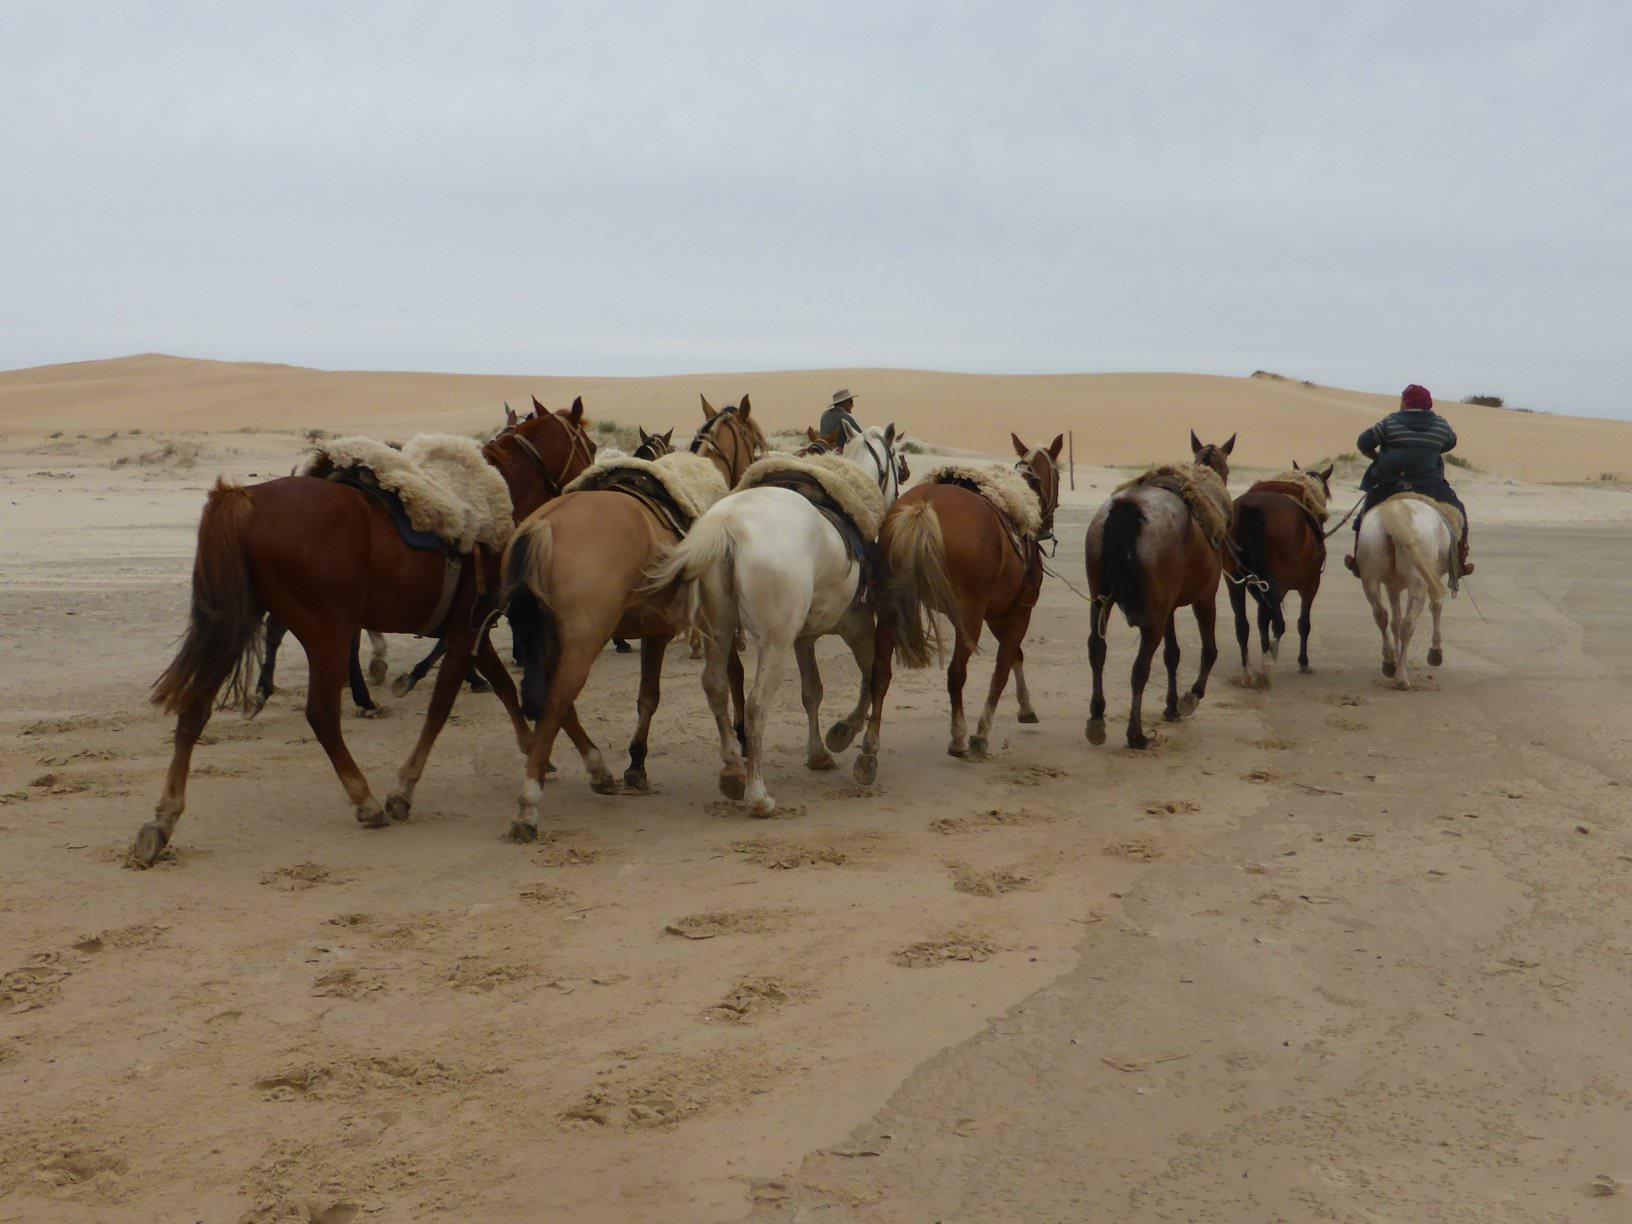 Horse string in Uruguay